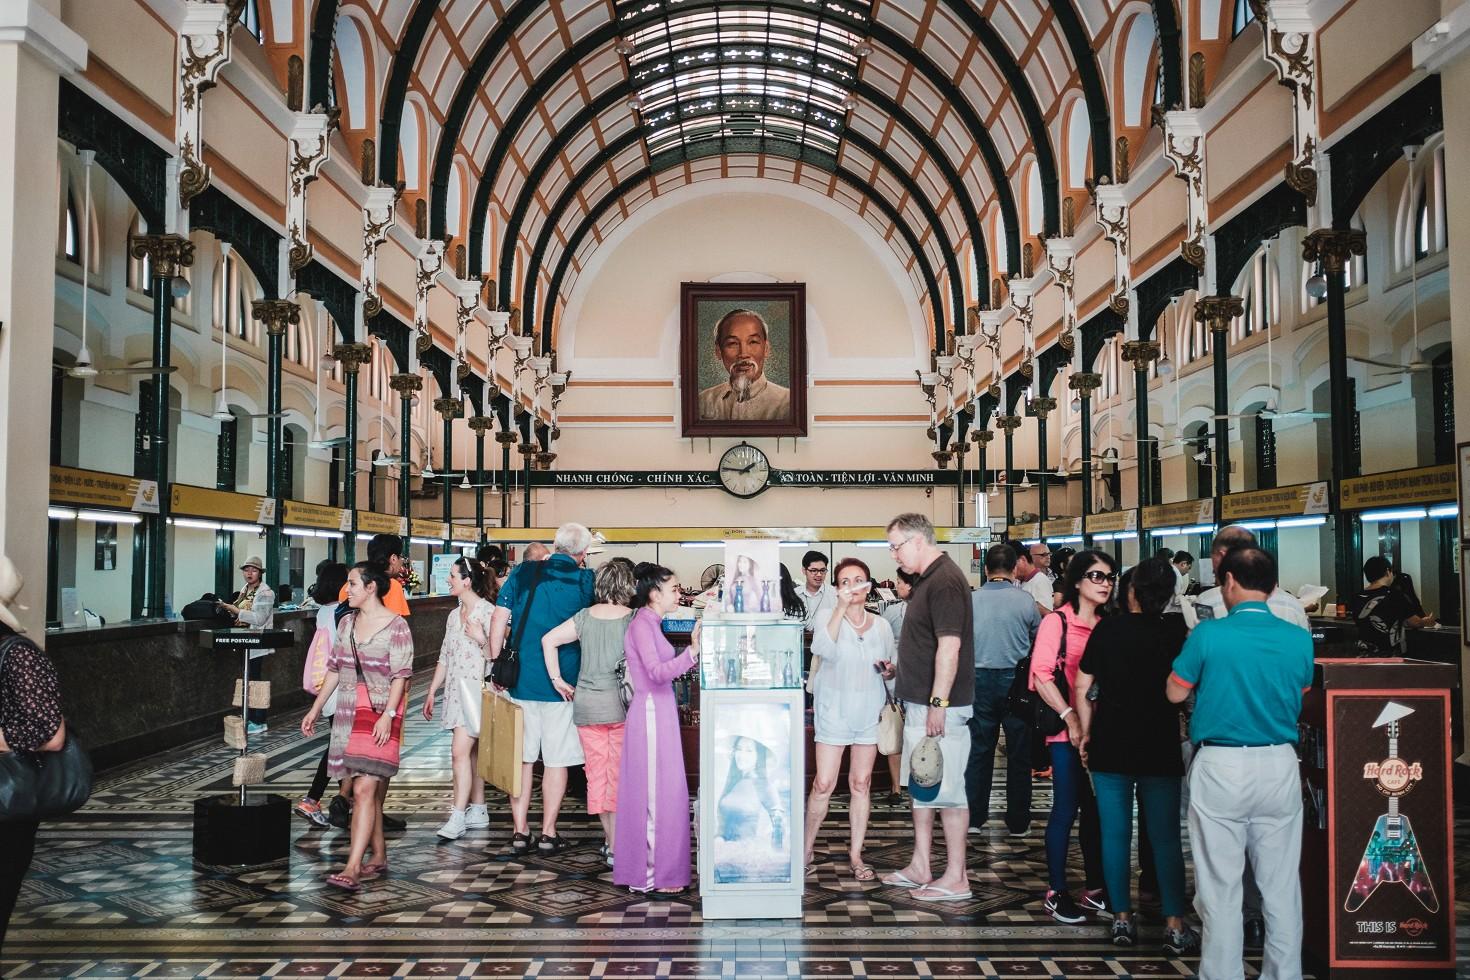 Vietnam-Ho-Chi-Minh-City-Saigon-Reportage (15 von 16)